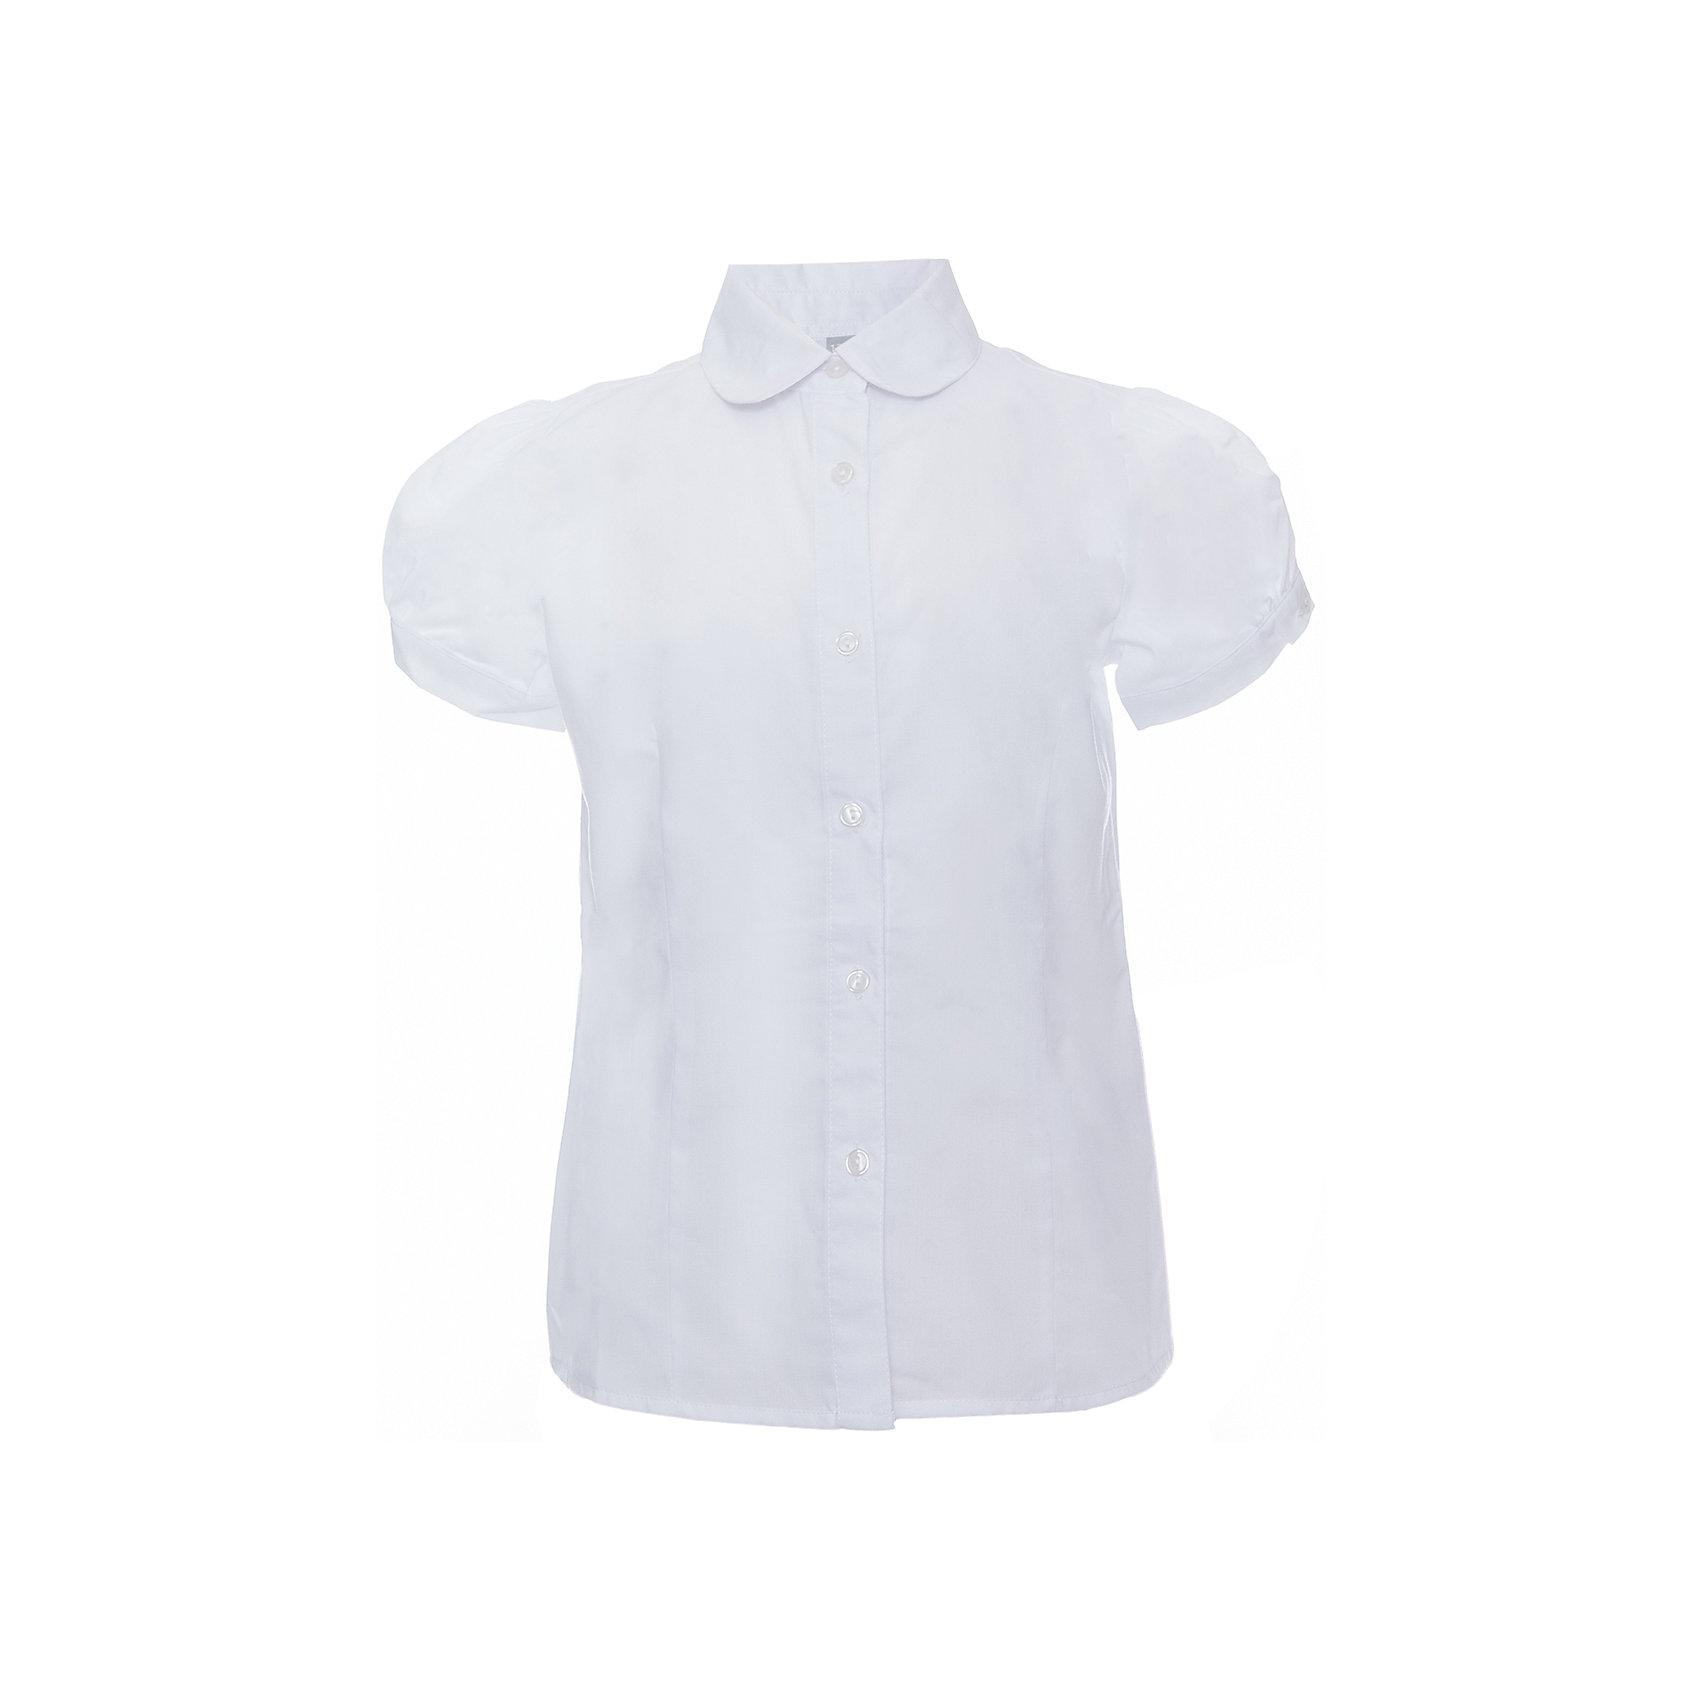 Блузка для девочки ScoolБлузки и рубашки<br>Блузка для девочки от известного бренда Scool<br>Состав:<br>65% хлопок, 35% полиэстер<br>Стильная белая блузка на пуговках. Округлый воротник. Рукава-фонарики придают кокетства.<br><br>Ширина мм: 186<br>Глубина мм: 87<br>Высота мм: 198<br>Вес г: 197<br>Цвет: белый<br>Возраст от месяцев: 84<br>Возраст до месяцев: 96<br>Пол: Женский<br>Возраст: Детский<br>Размер: 128,122,152,164,158,146,140,134<br>SKU: 4687011